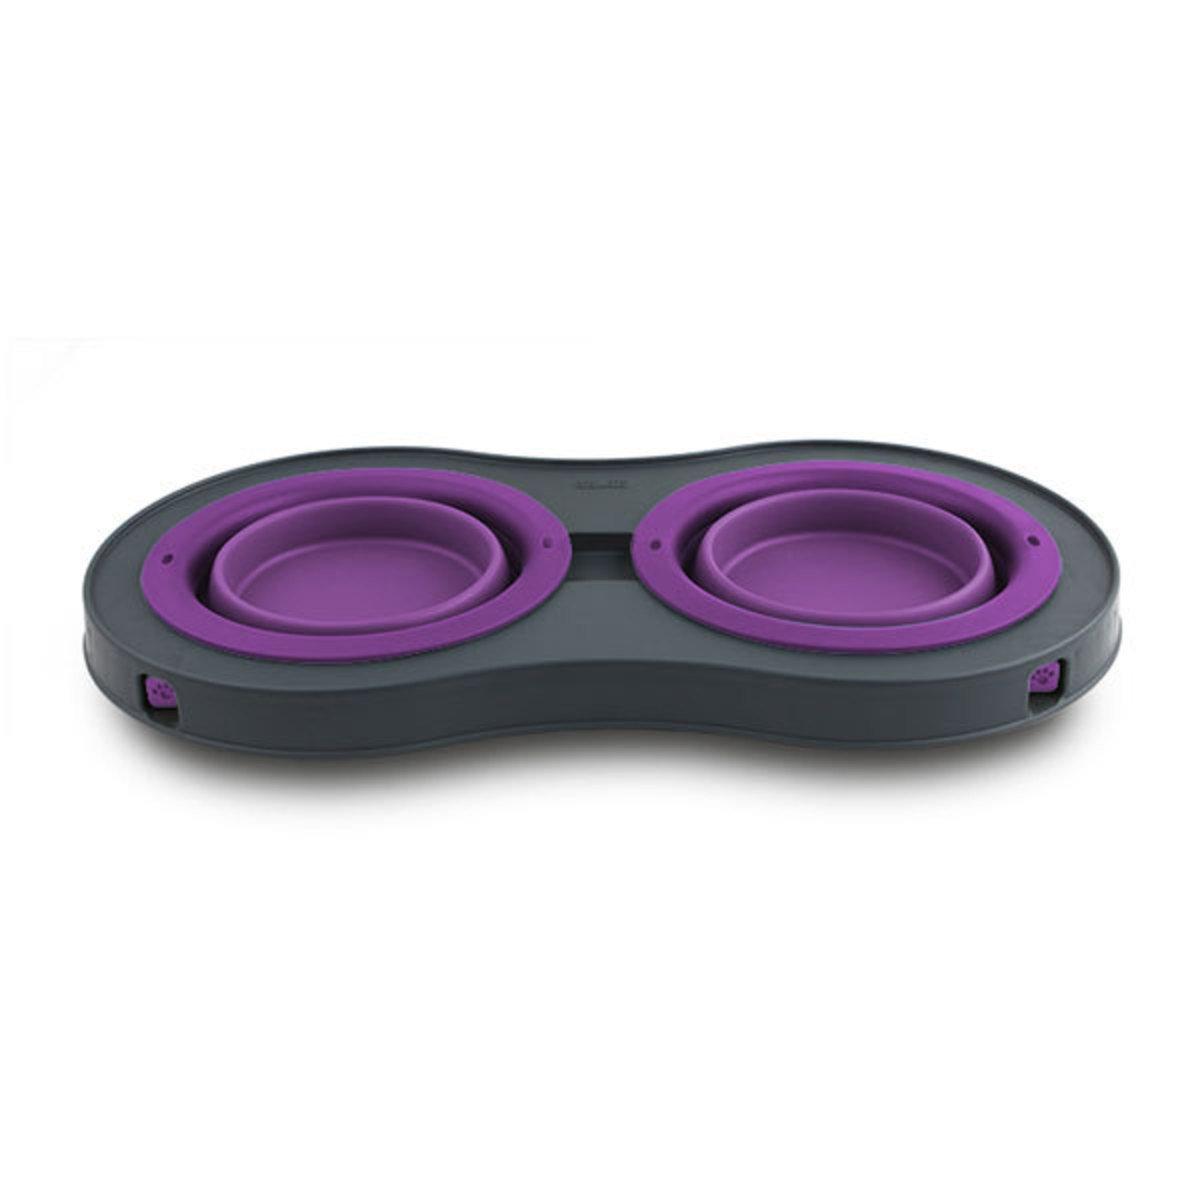 便攜折疊高架雙碗-紫色